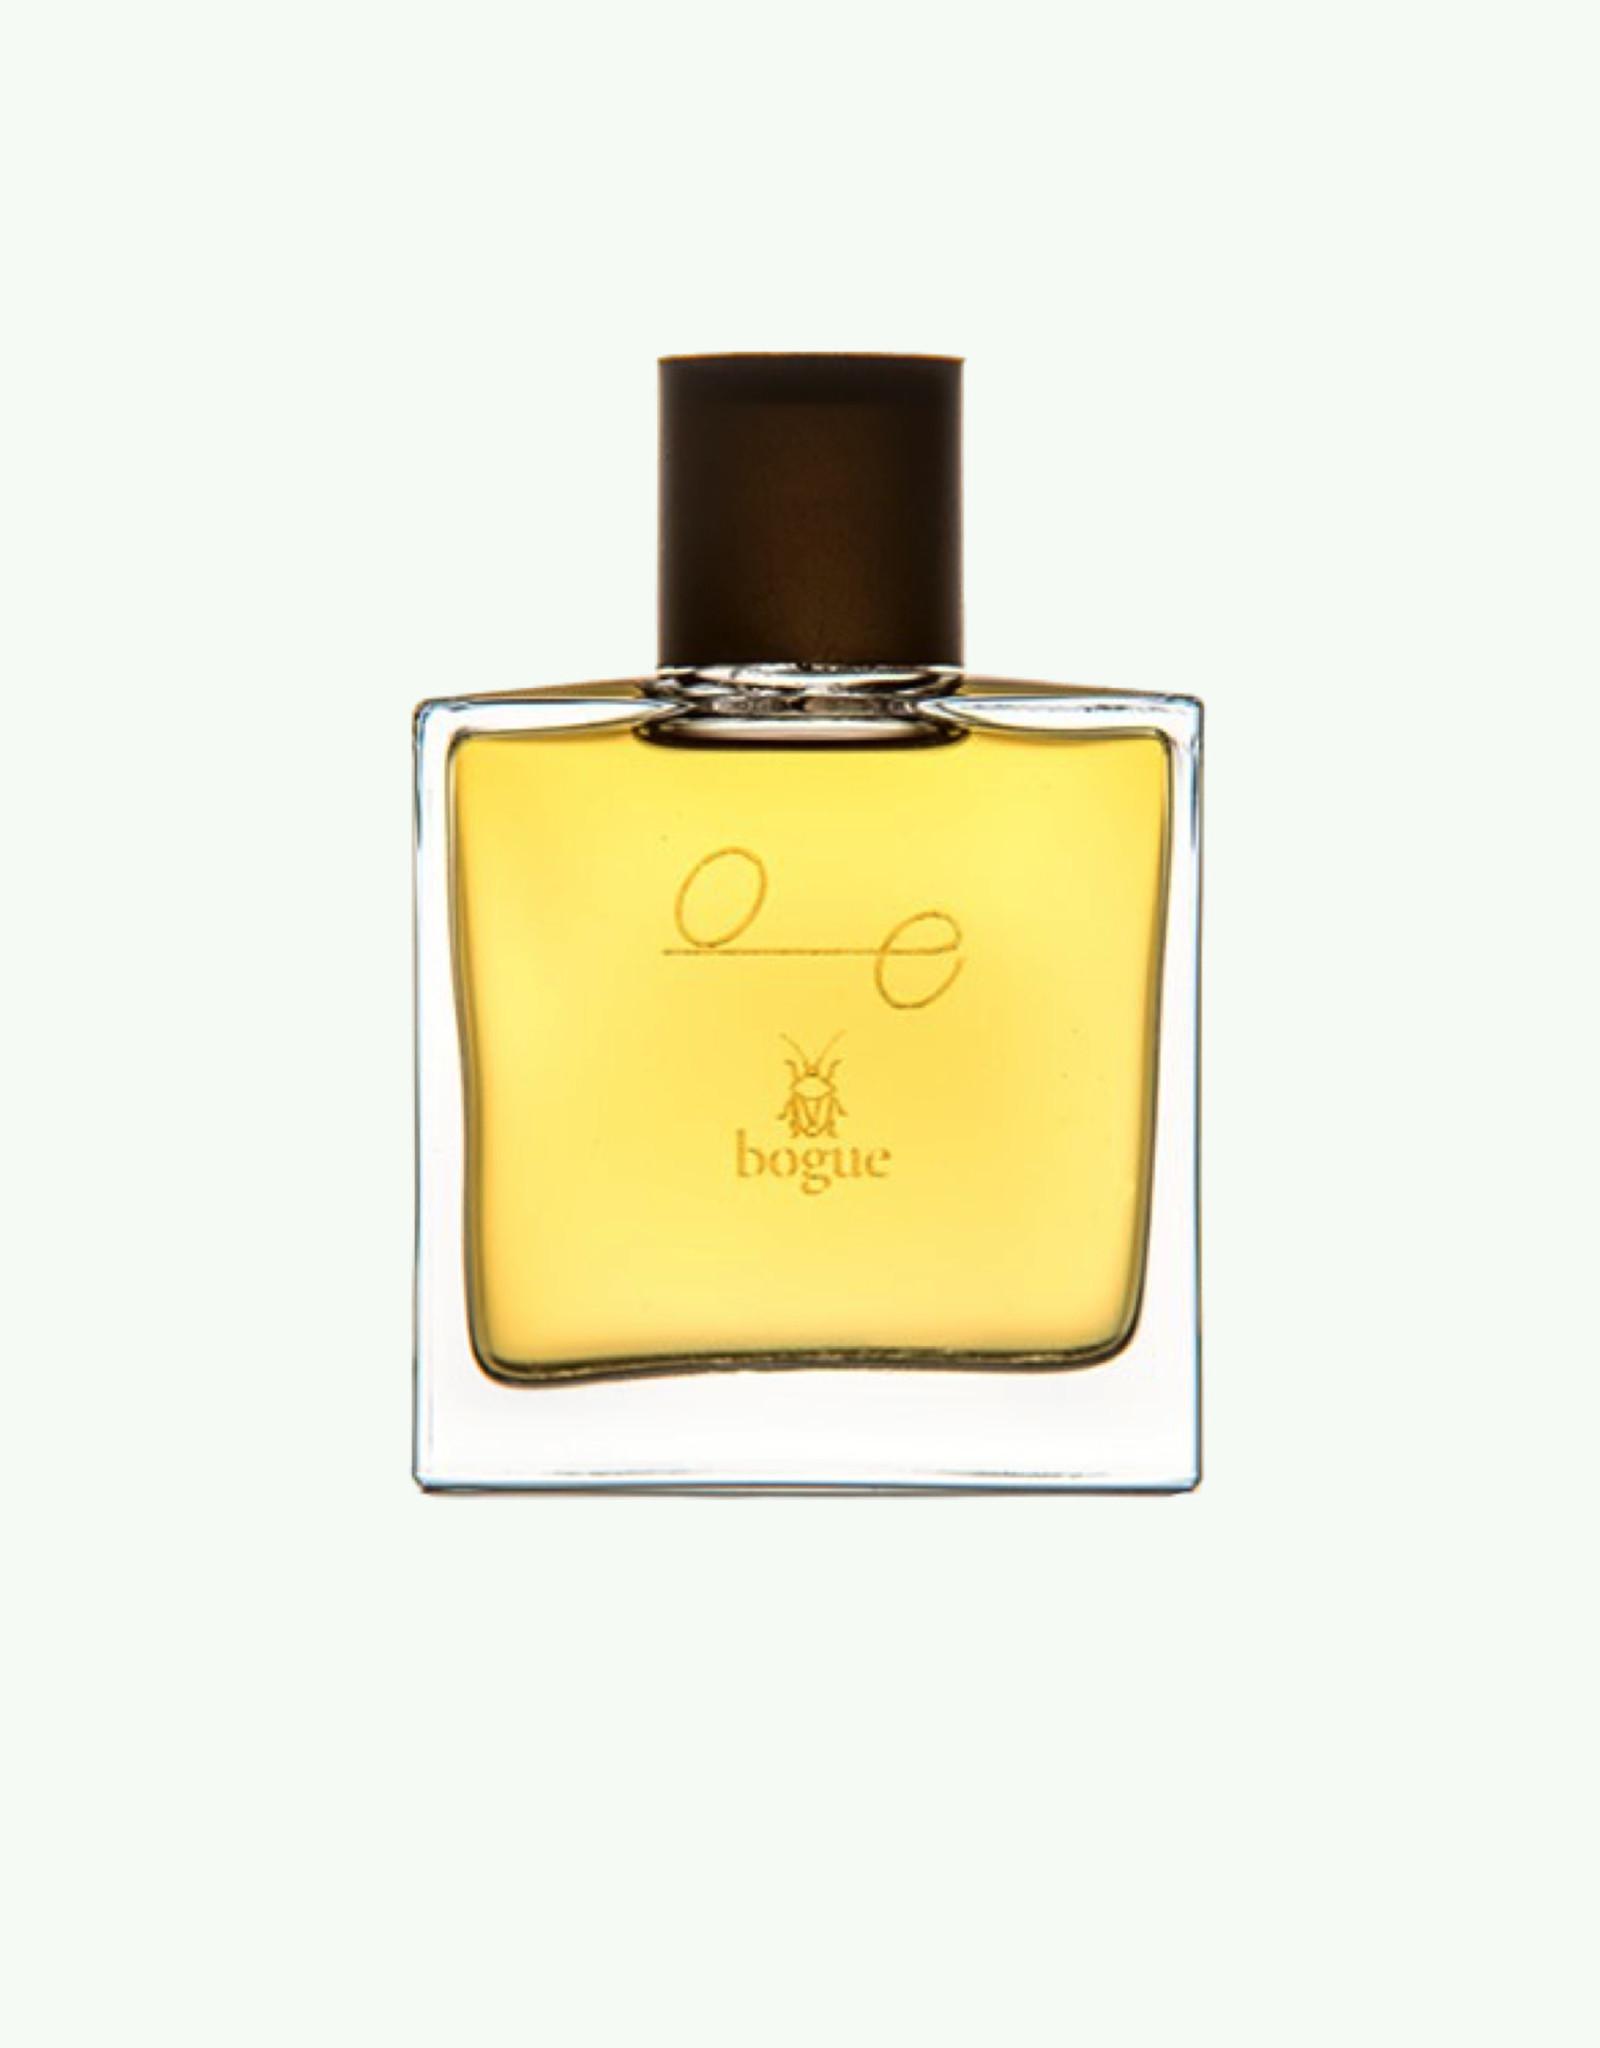 Bogue Profumo Bogue Profumo - O/E - Extrait de parfum